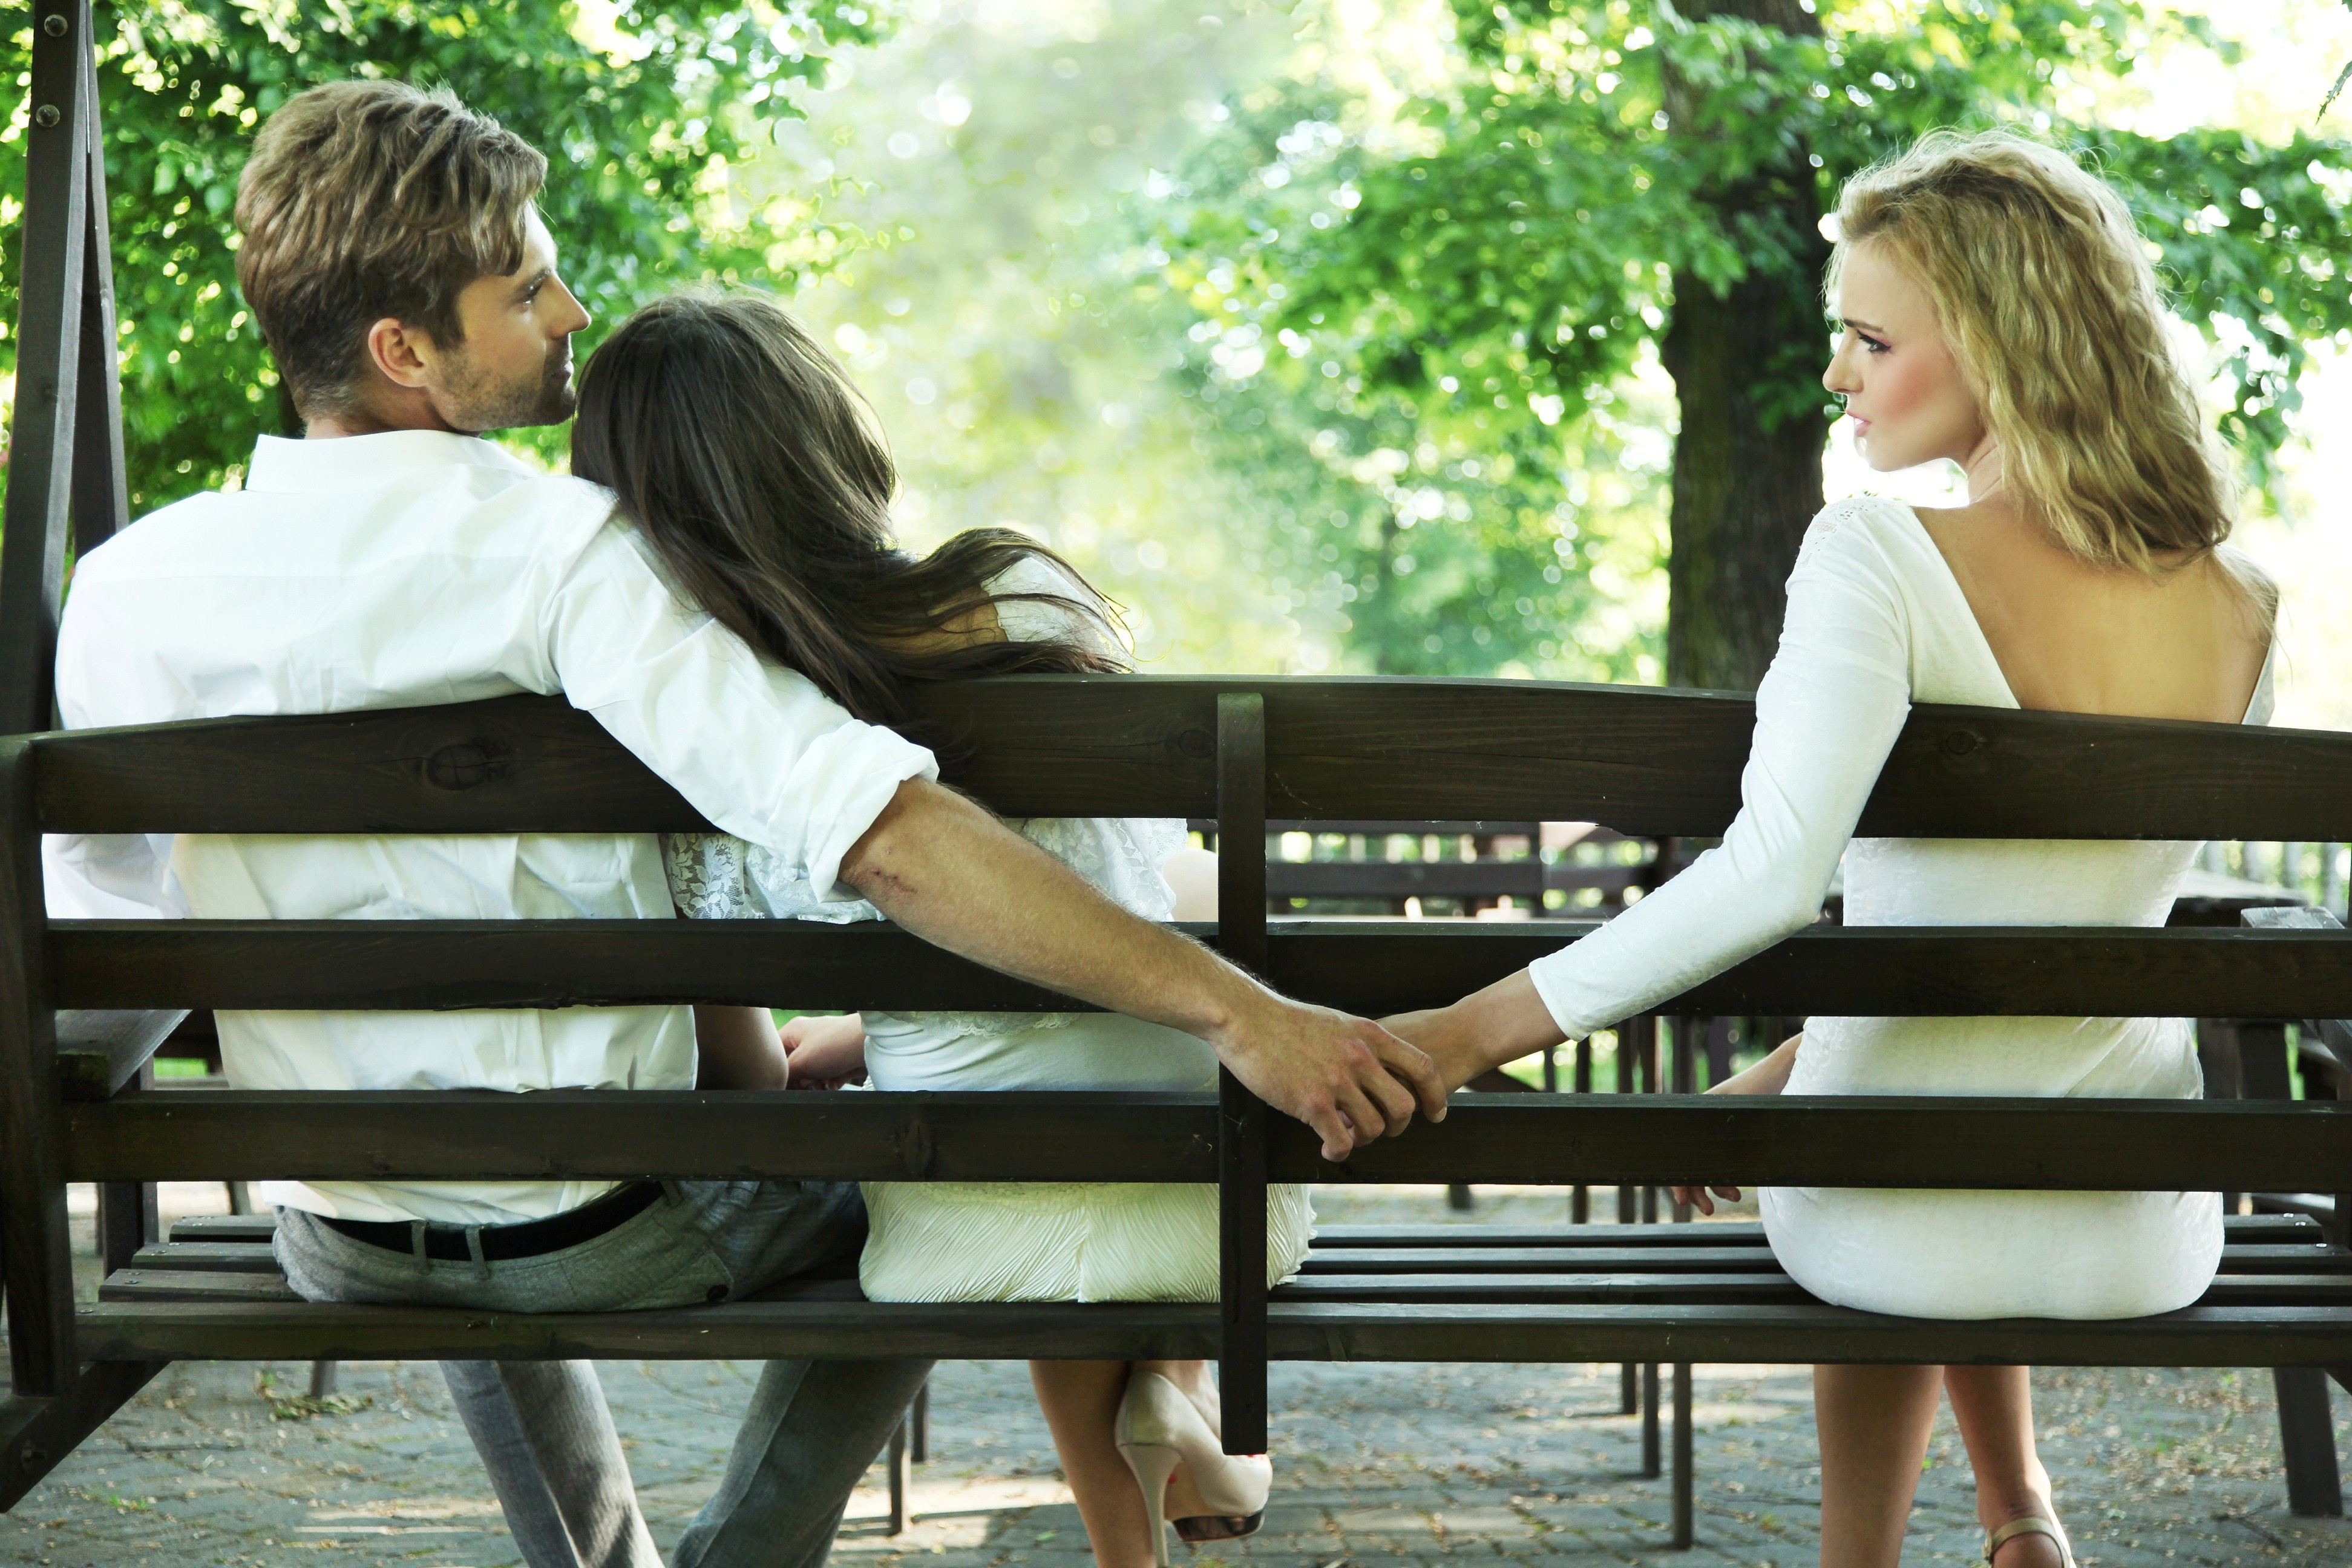 達志示意圖 示意圖 男女 兩性 小三 出軌 劈腿